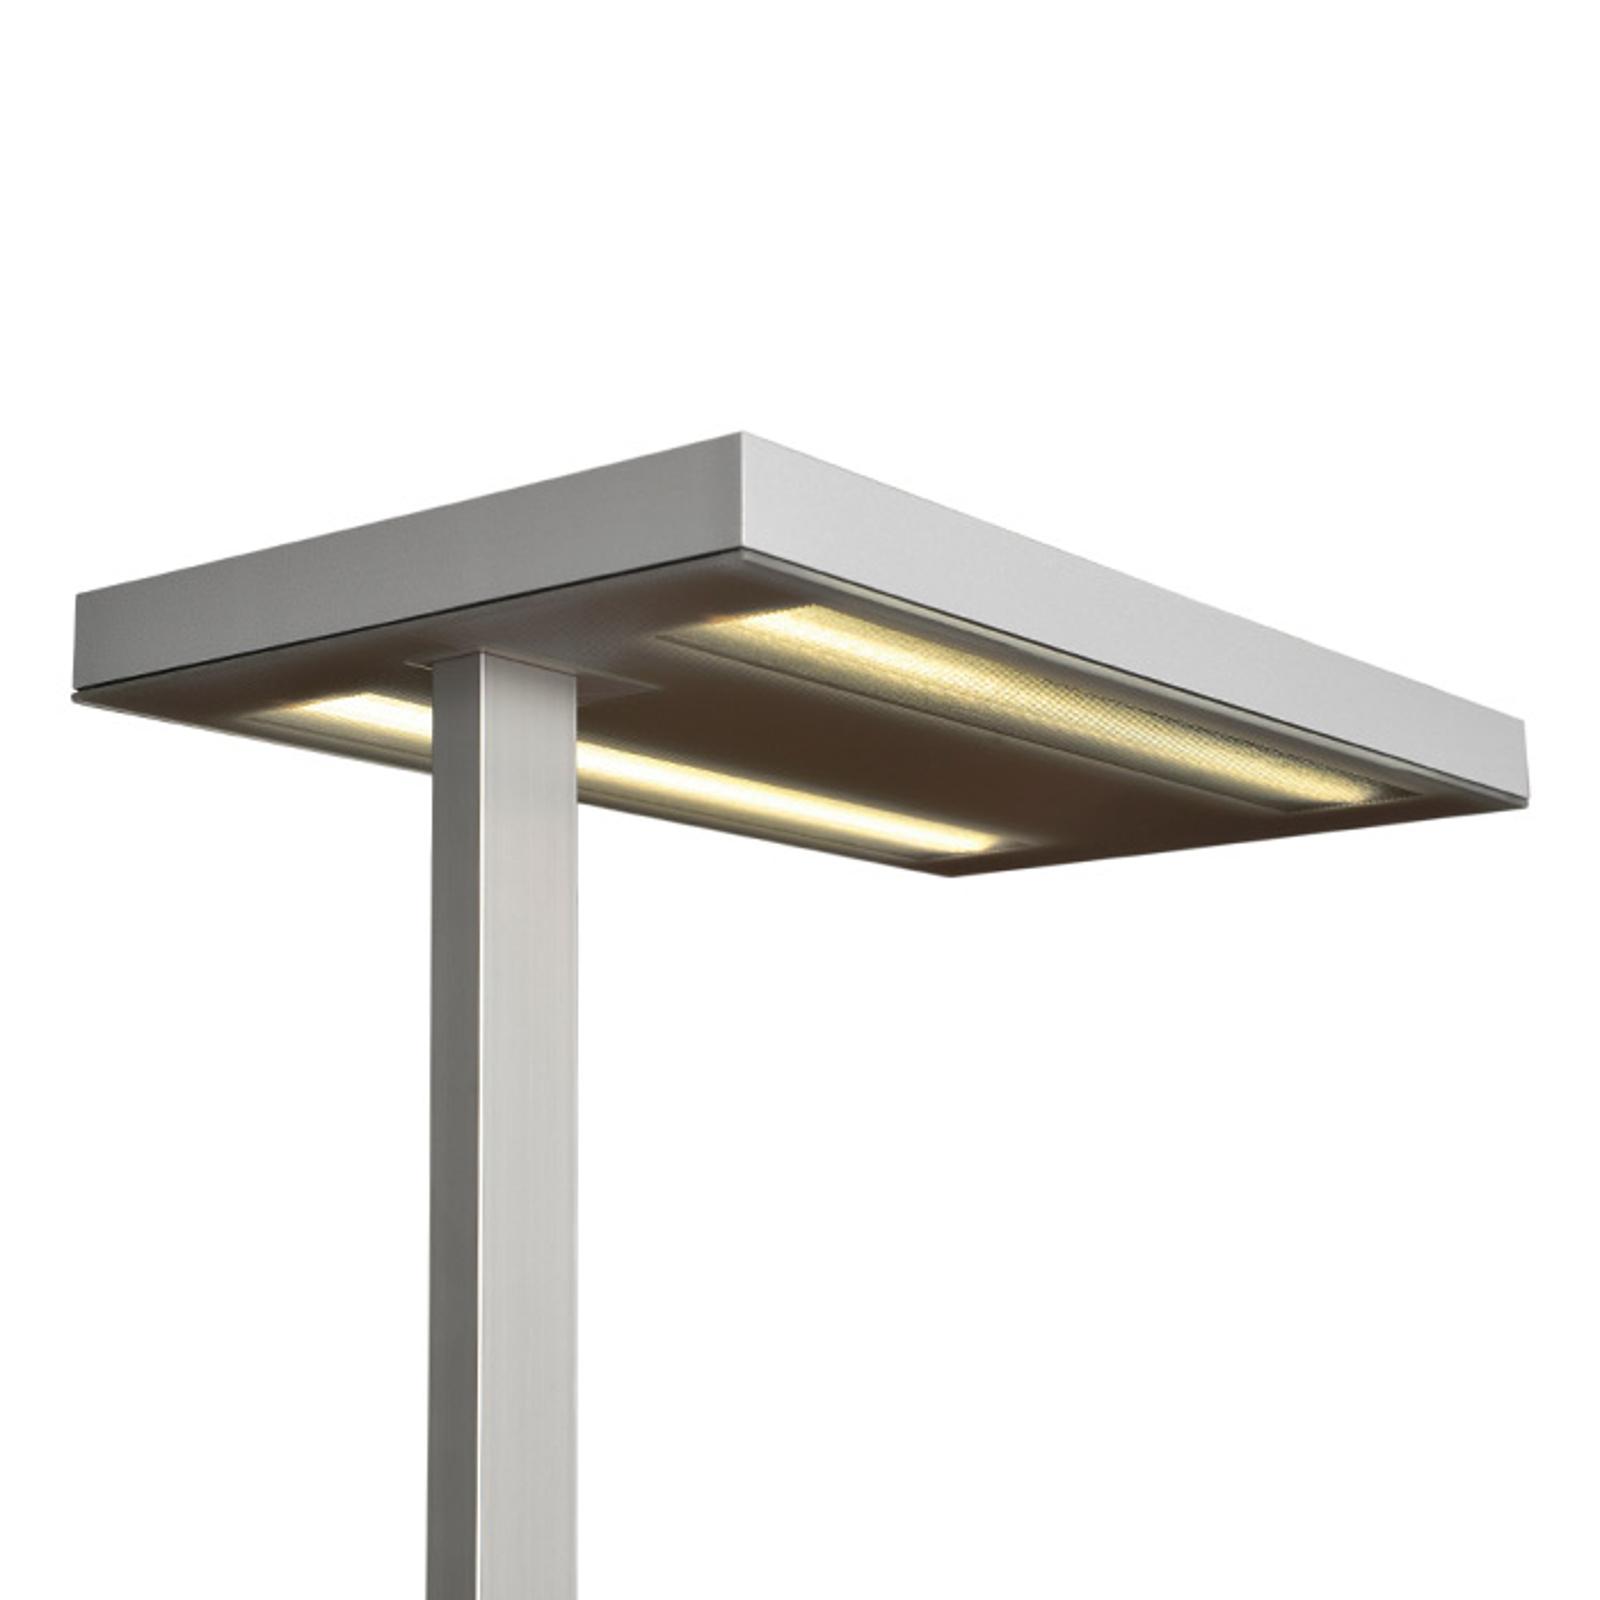 Lampa stojąca FREE-F LED 10000 HF 840 CP2, sz.